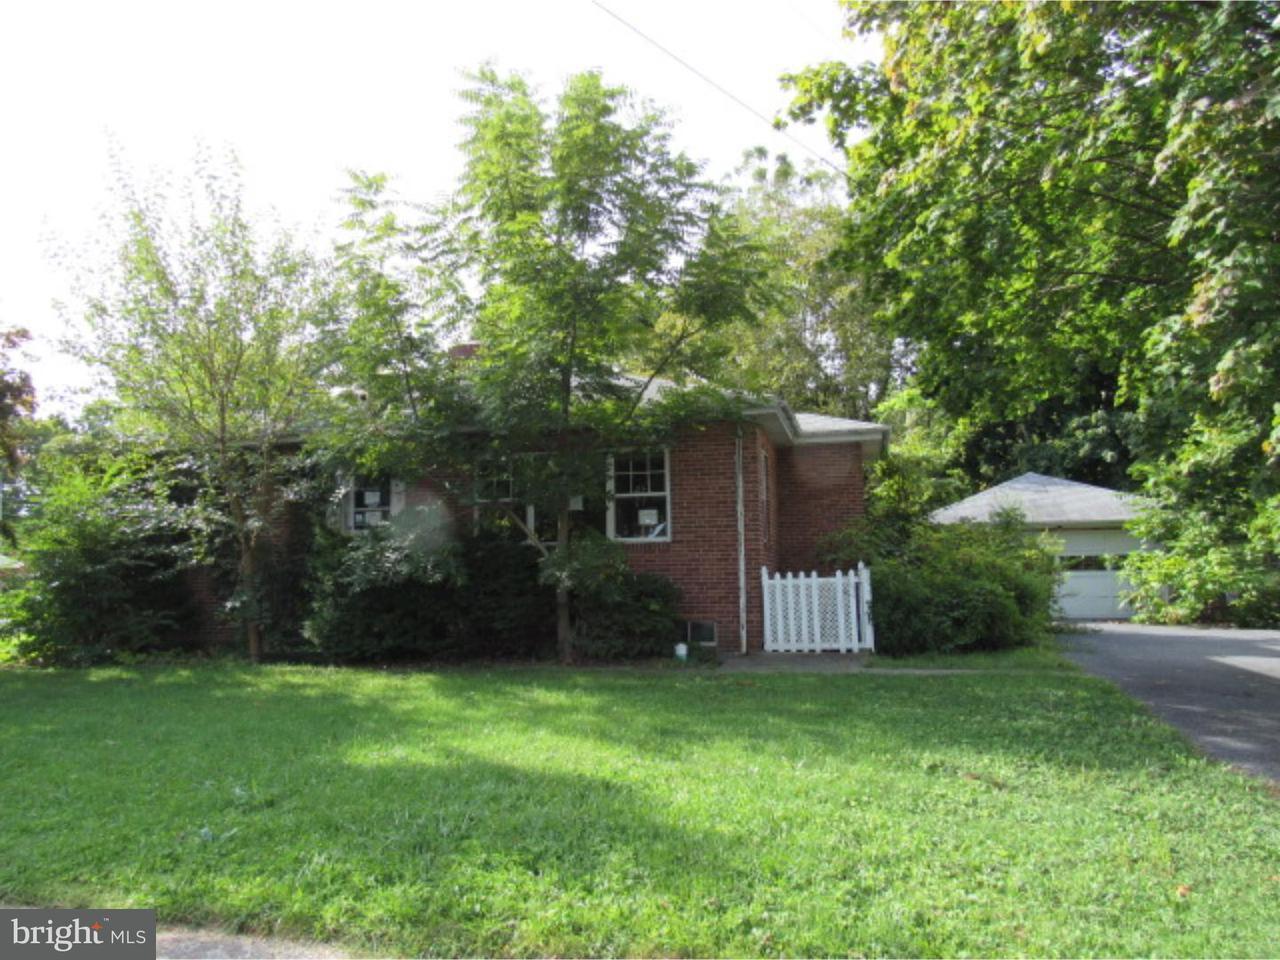 Частный односемейный дом для того Продажа на 320 E EMAUS Street Middletown, Пенсильвания 17057 Соединенные Штаты